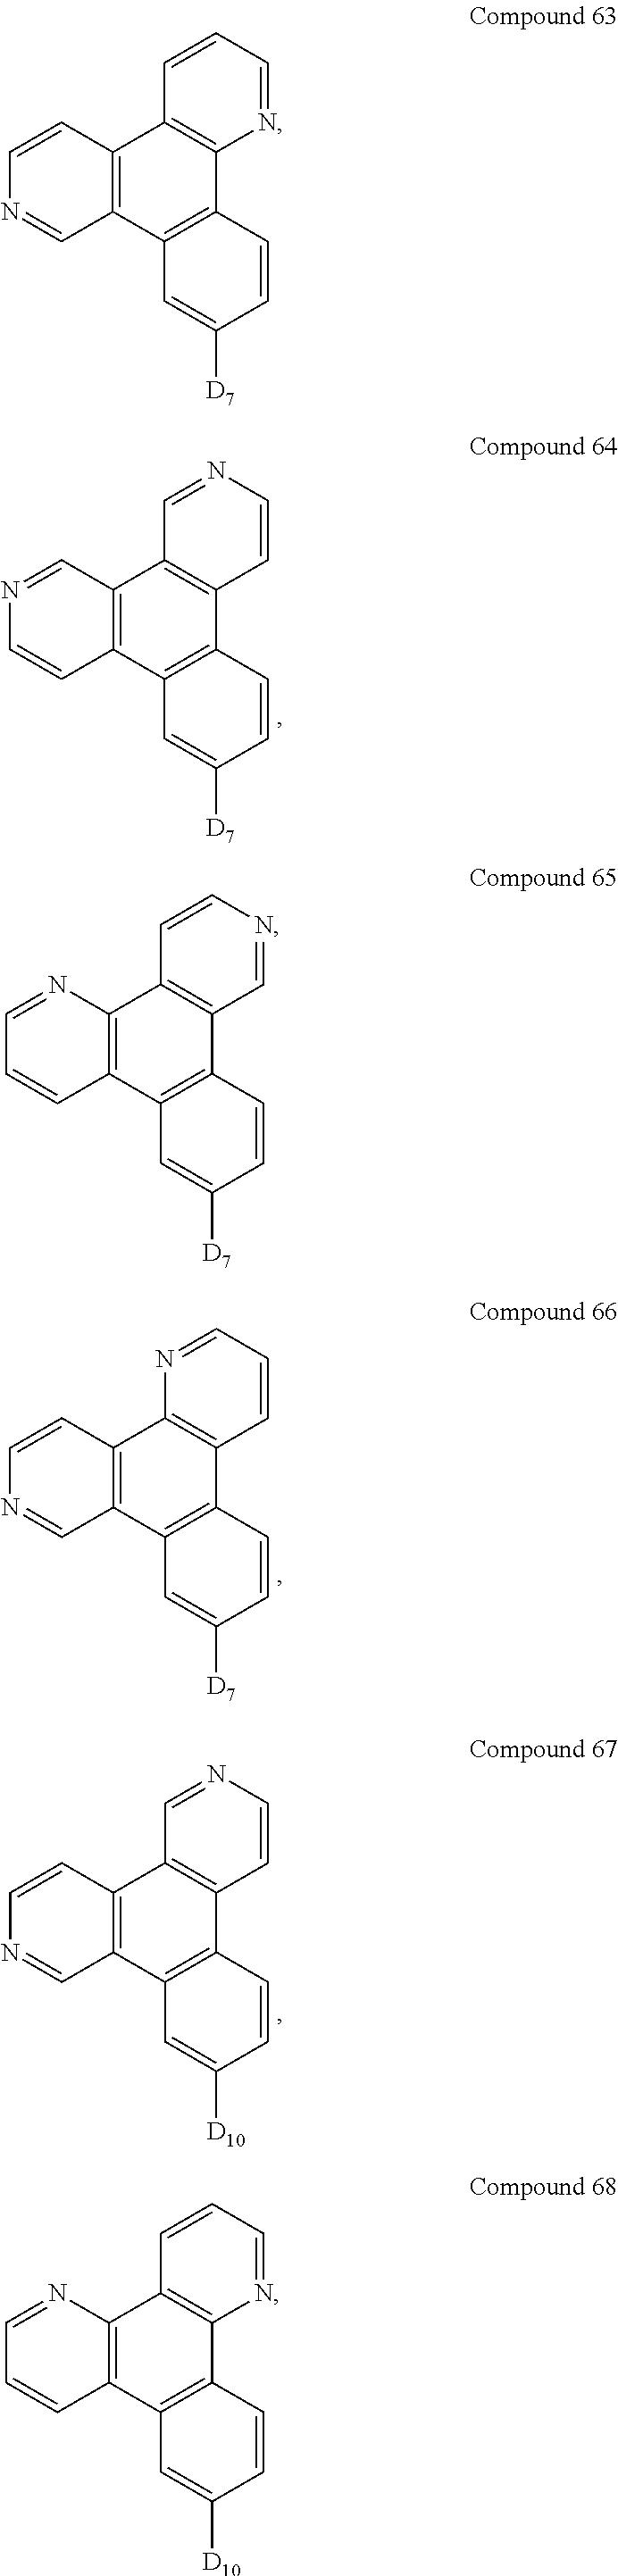 Figure US09537106-20170103-C00172